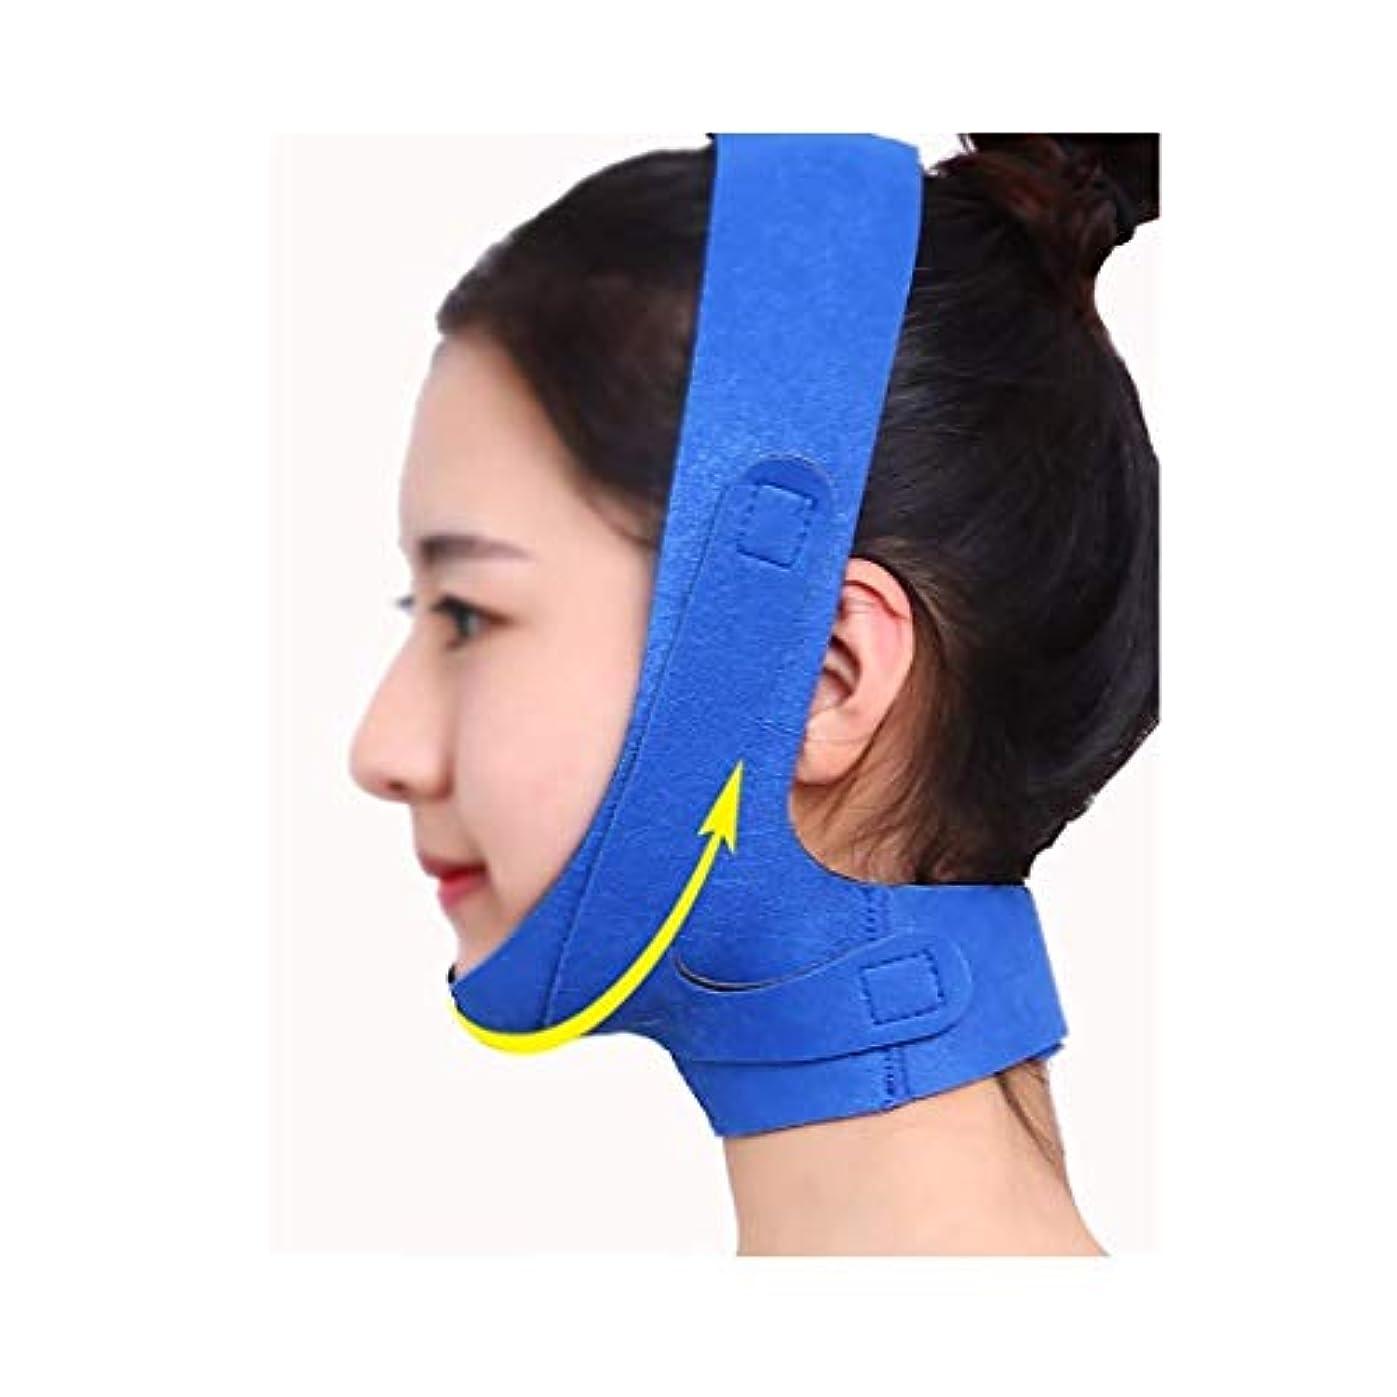 吸収剤派手コンデンサーフェイスリフトマスク、チンストラップの回復の包帯の睡眠の薄い顔の包帯の薄いフェイスマスクフェイスリフトの美のマスクの包帯の青いフェイスマスクが付いている小さいVの顔を高めるフェイスリフトのアーティファクト